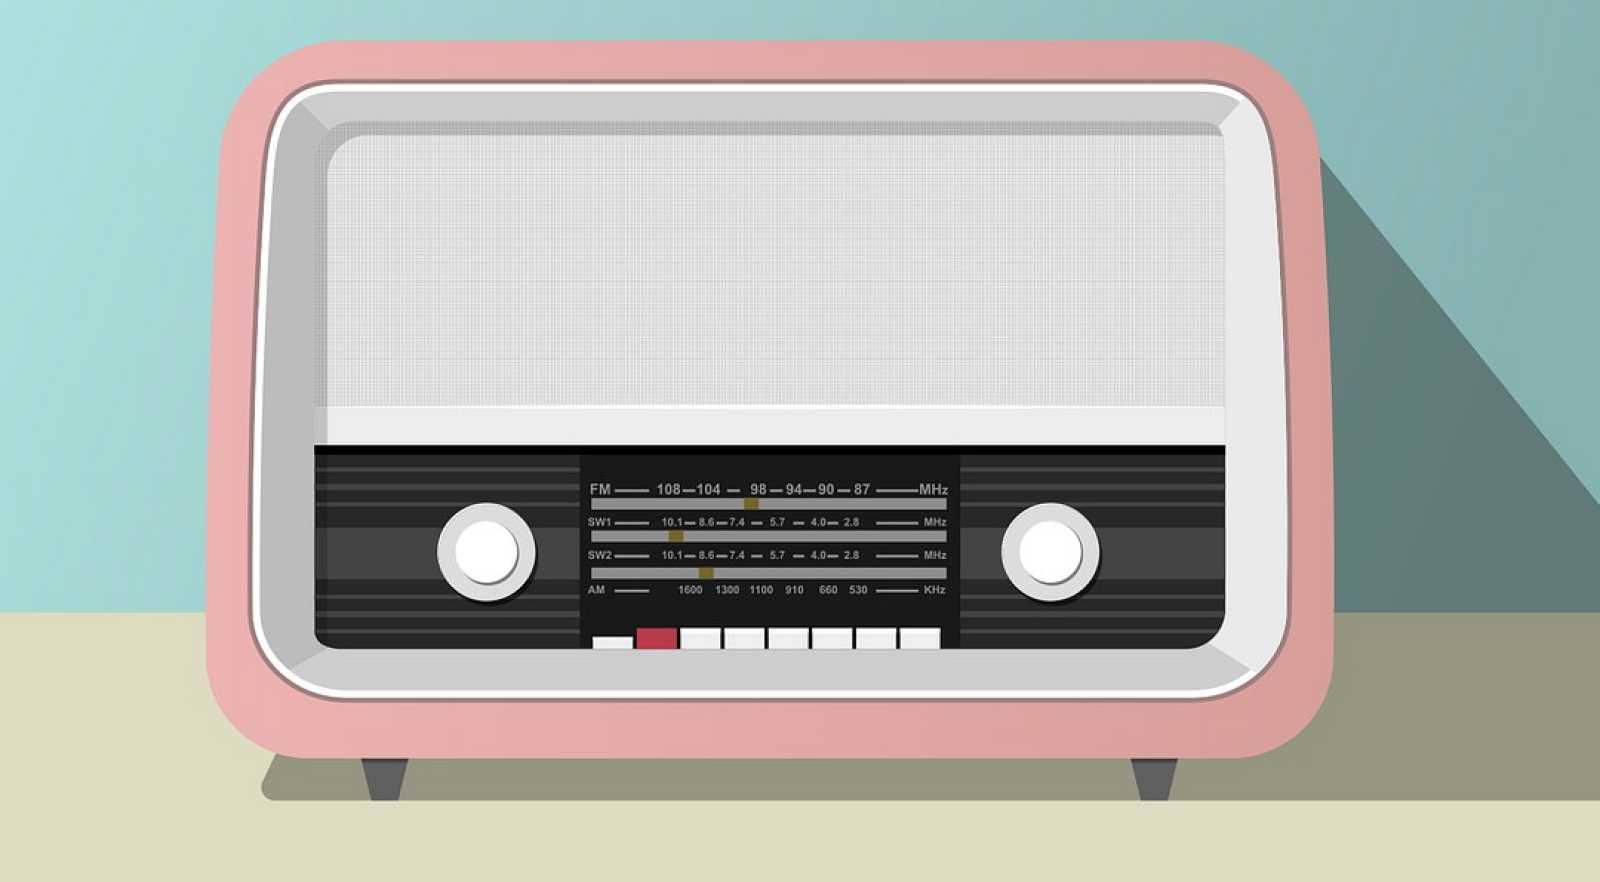 Ondas de ayer - Oldtime.radio, web para oír la radio del ayer - 15/03/21  - Escuchar ahora